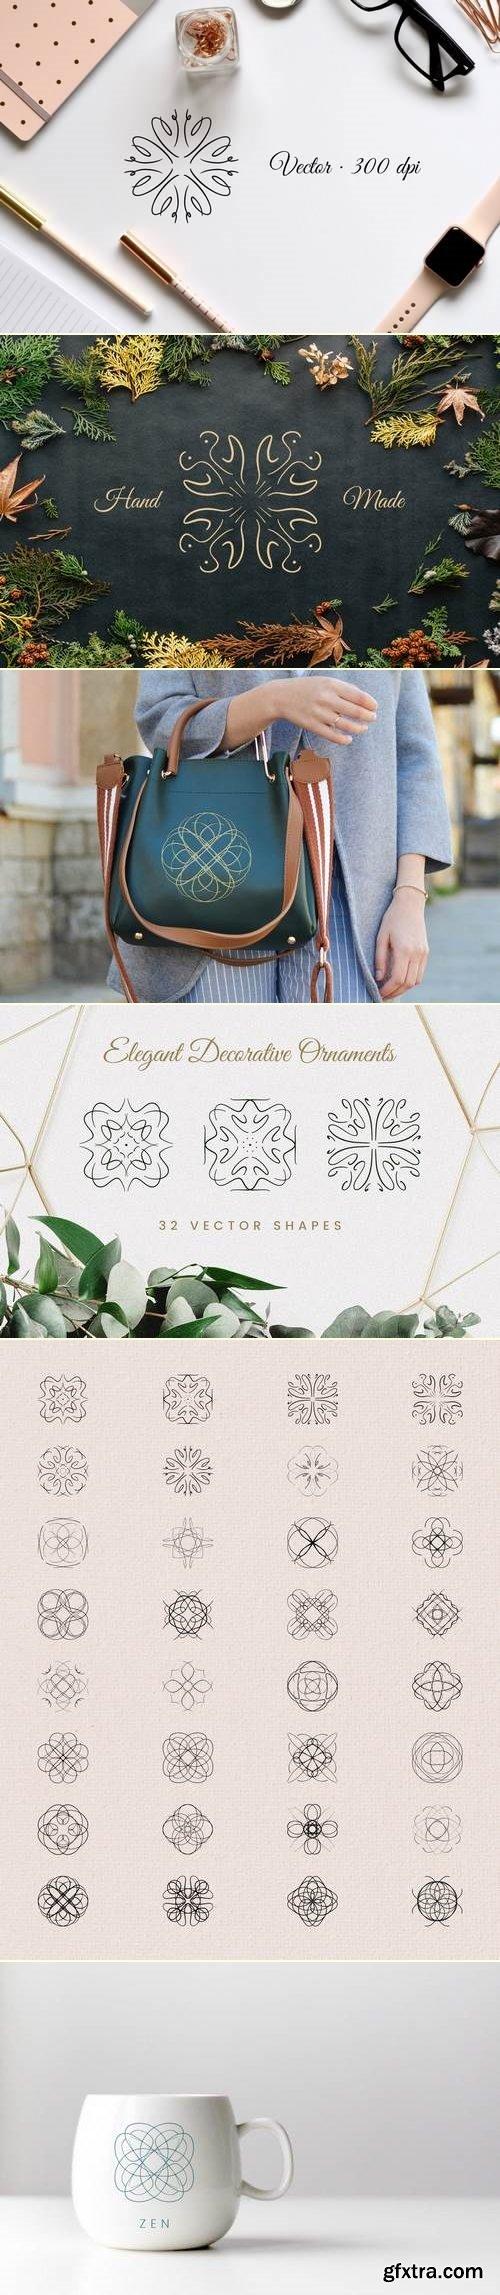 Elegant Decorative Ornaments